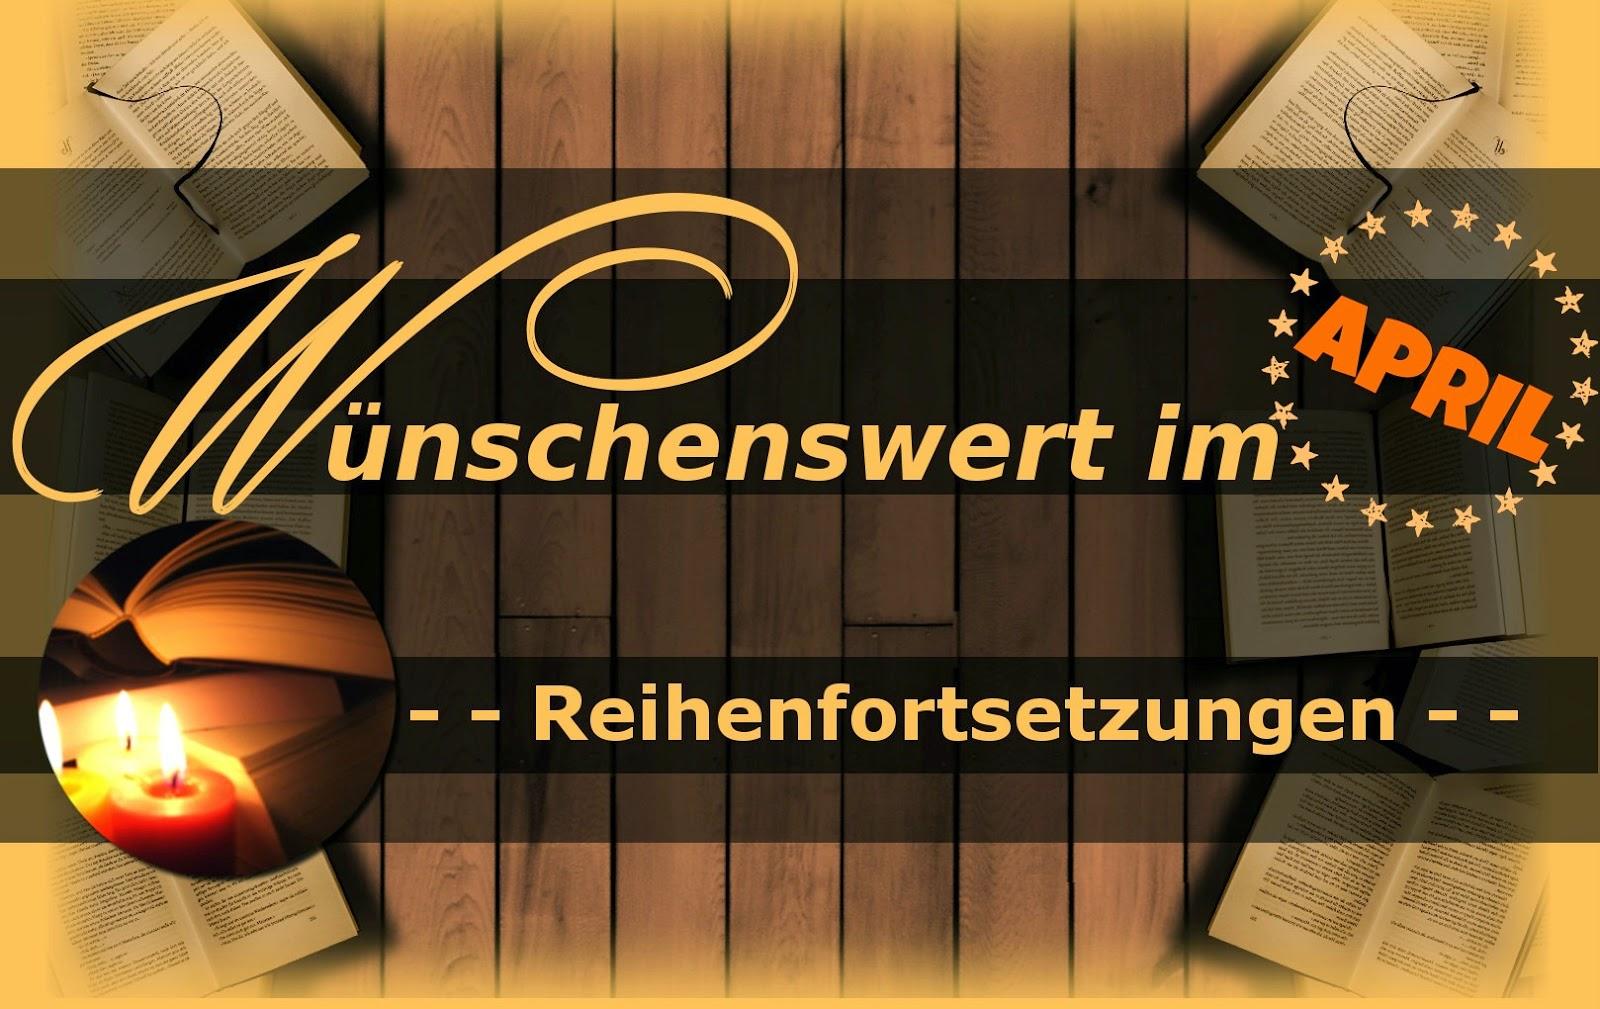 http://sarahsbuecherwelt.blogspot.com/2014/03/wunschenswert-im-april.html